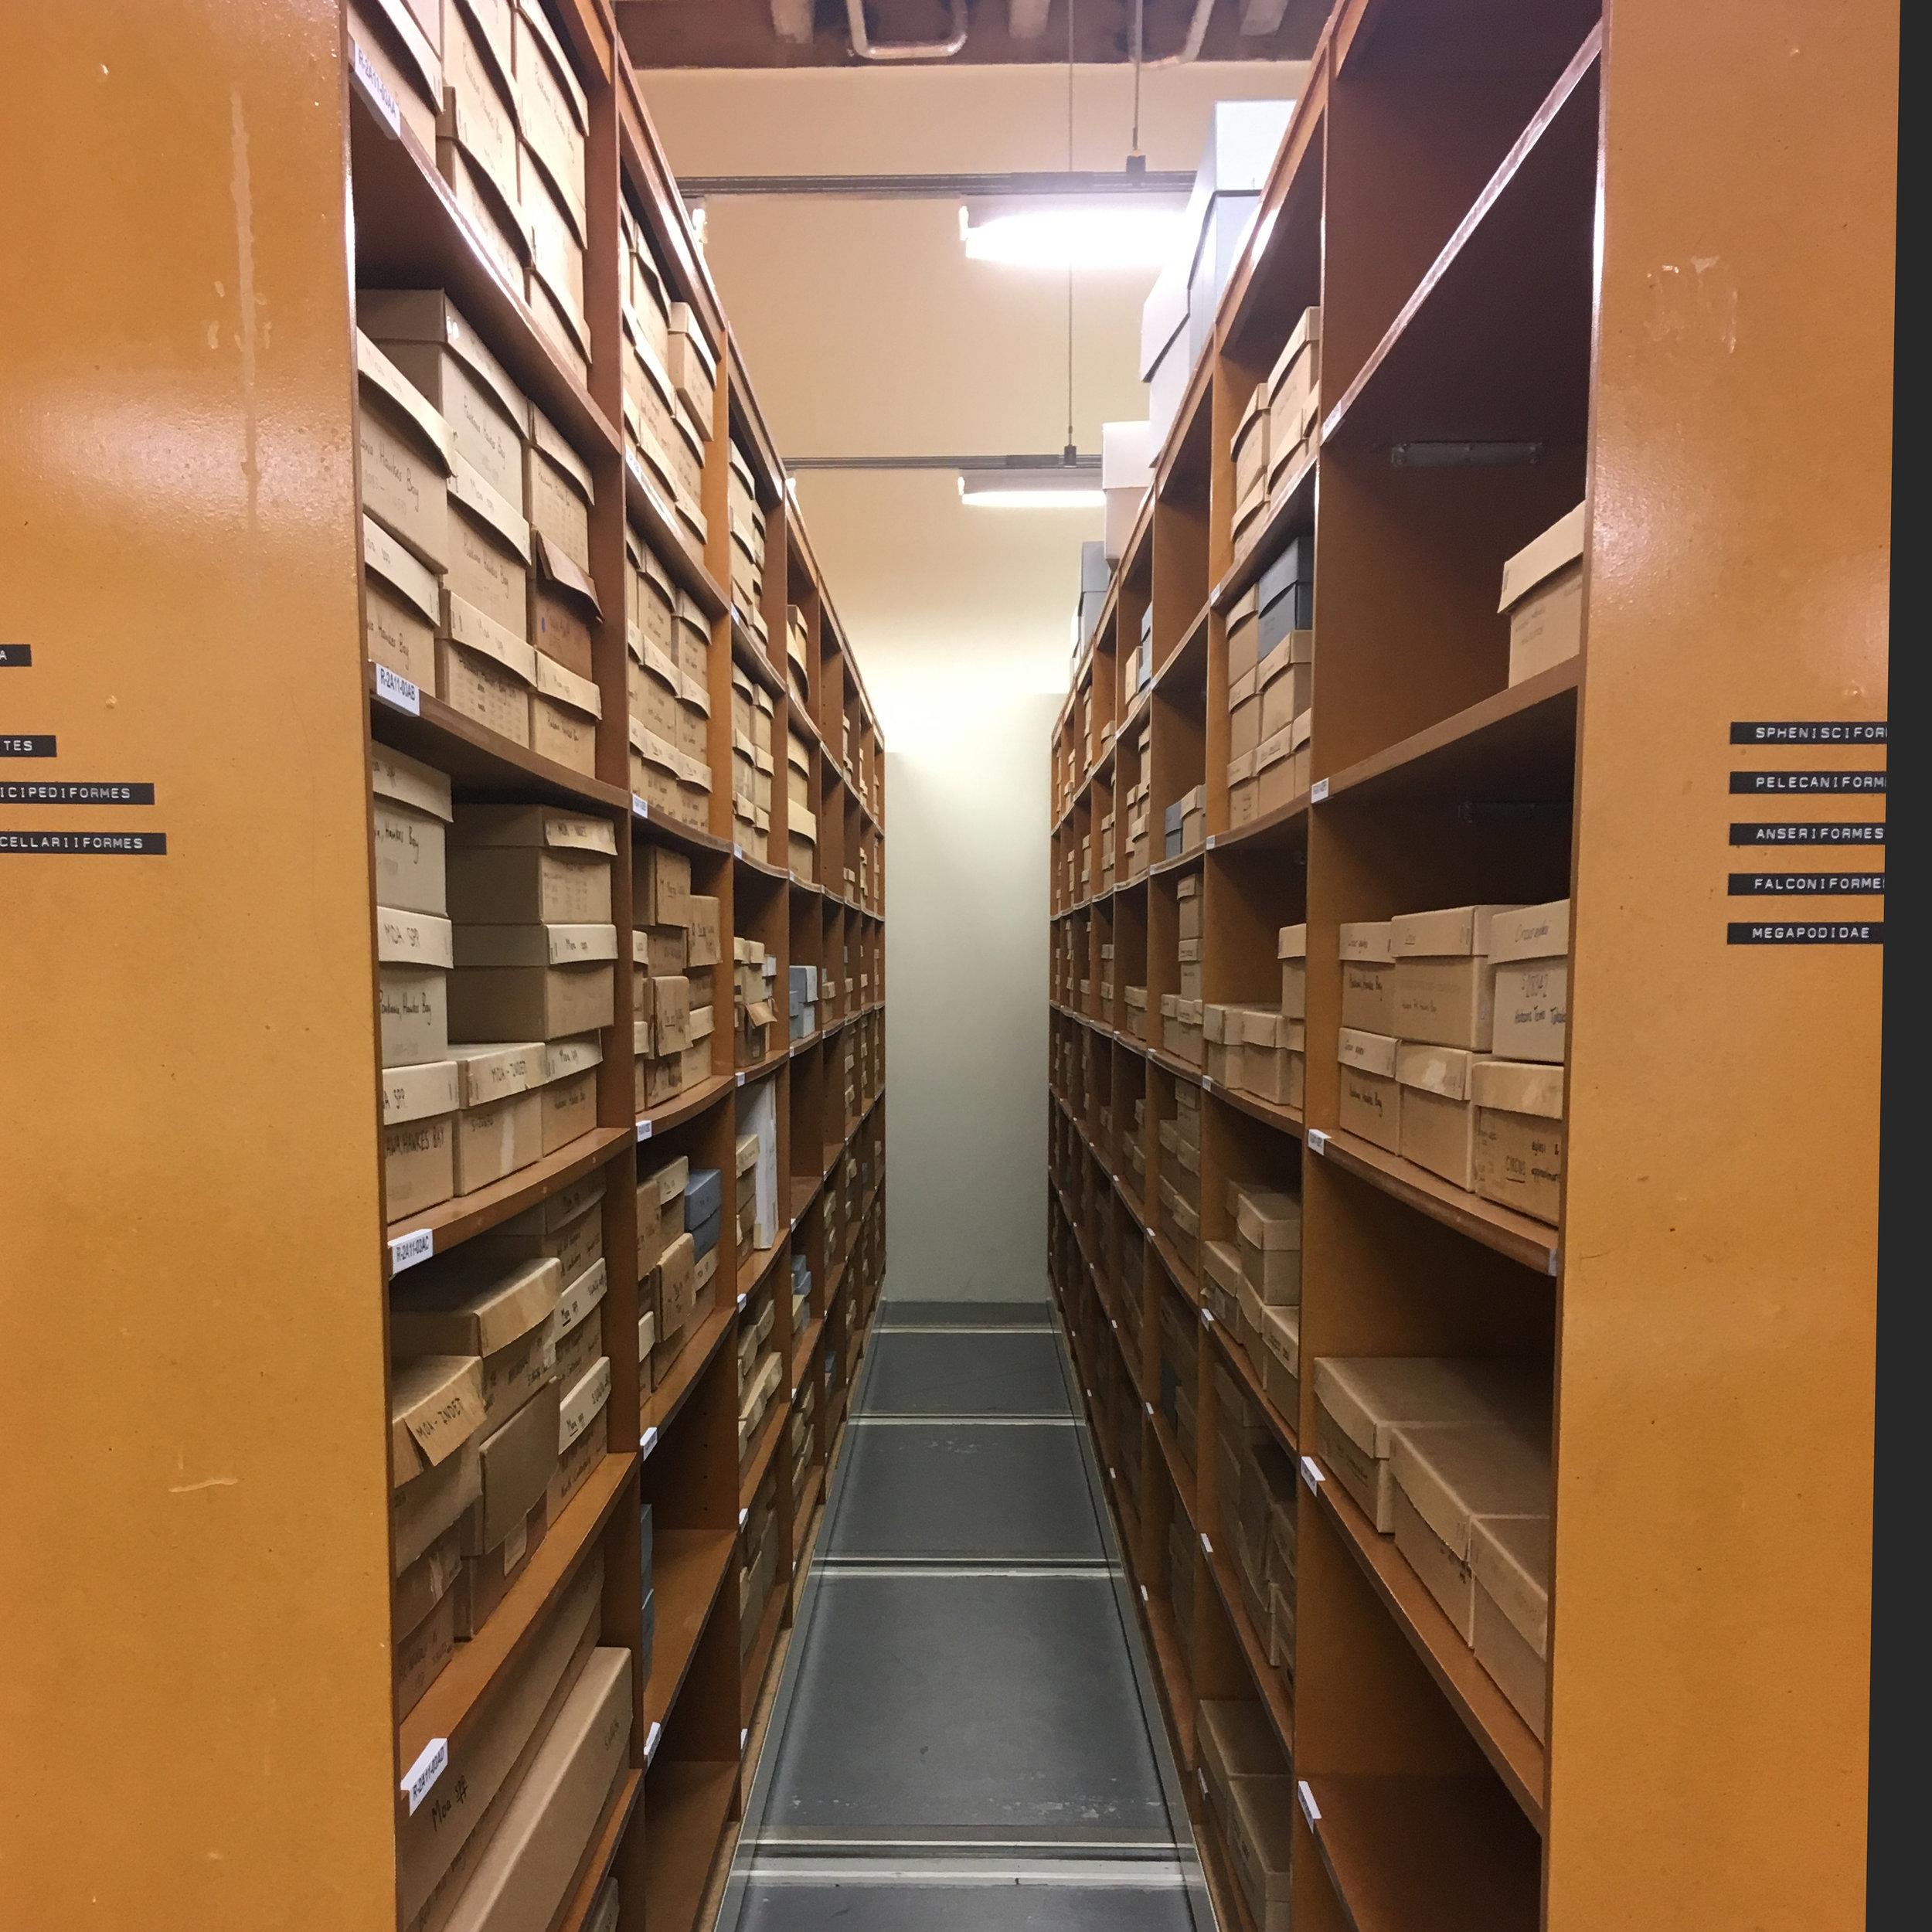 Science Stores.jpg